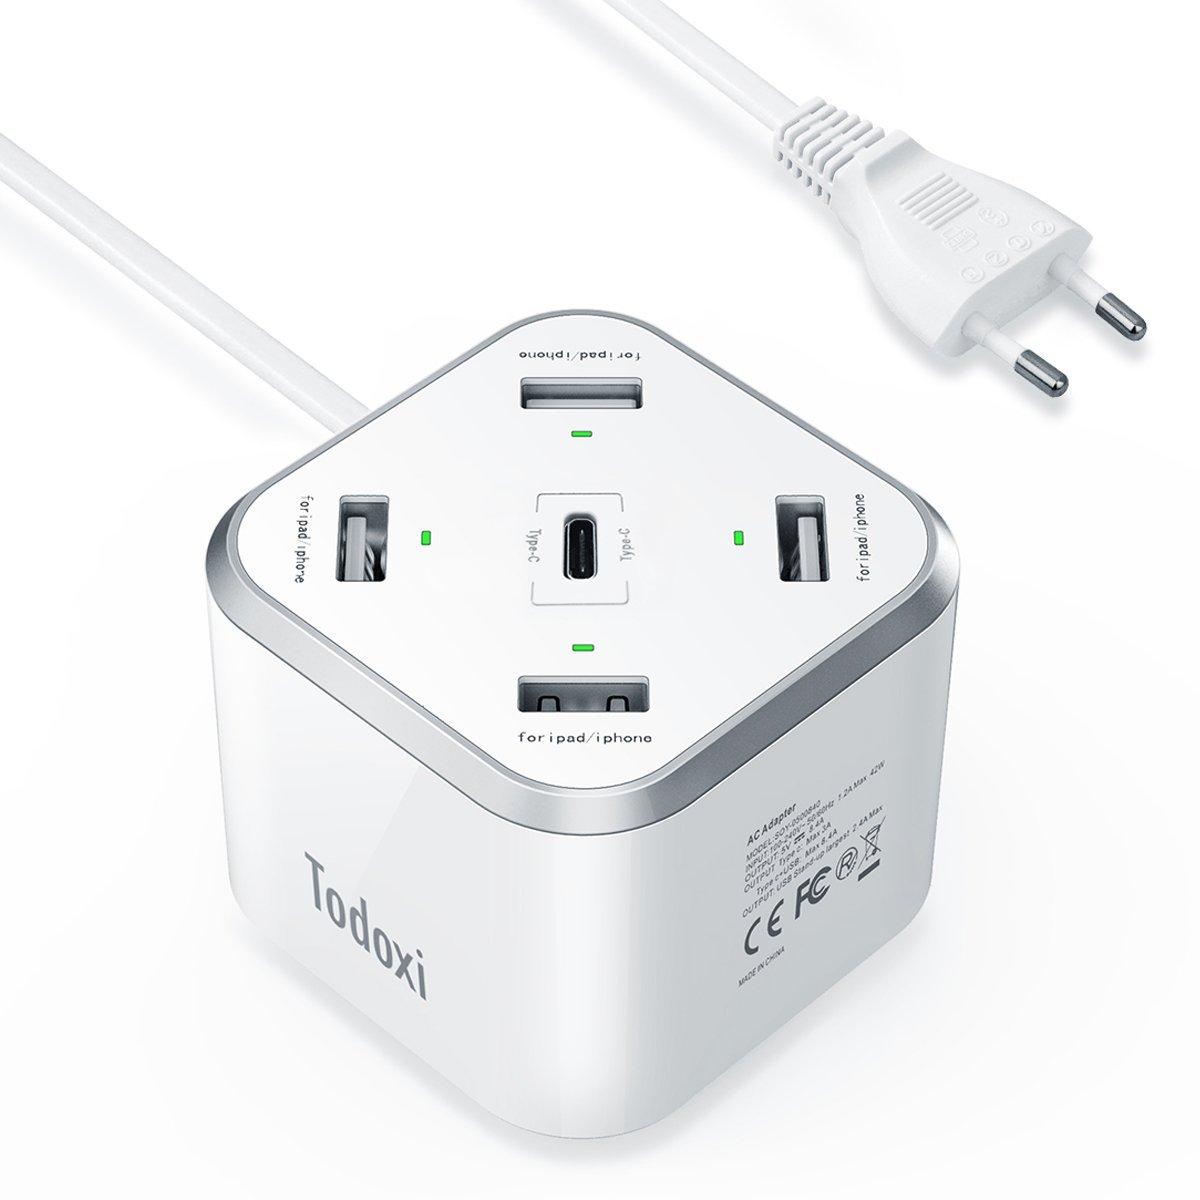 Chargeur USB Todoxi - 4 Ports USB 5V/2.4A + 1 USB-C 5V/3A (Vendeur tiers)